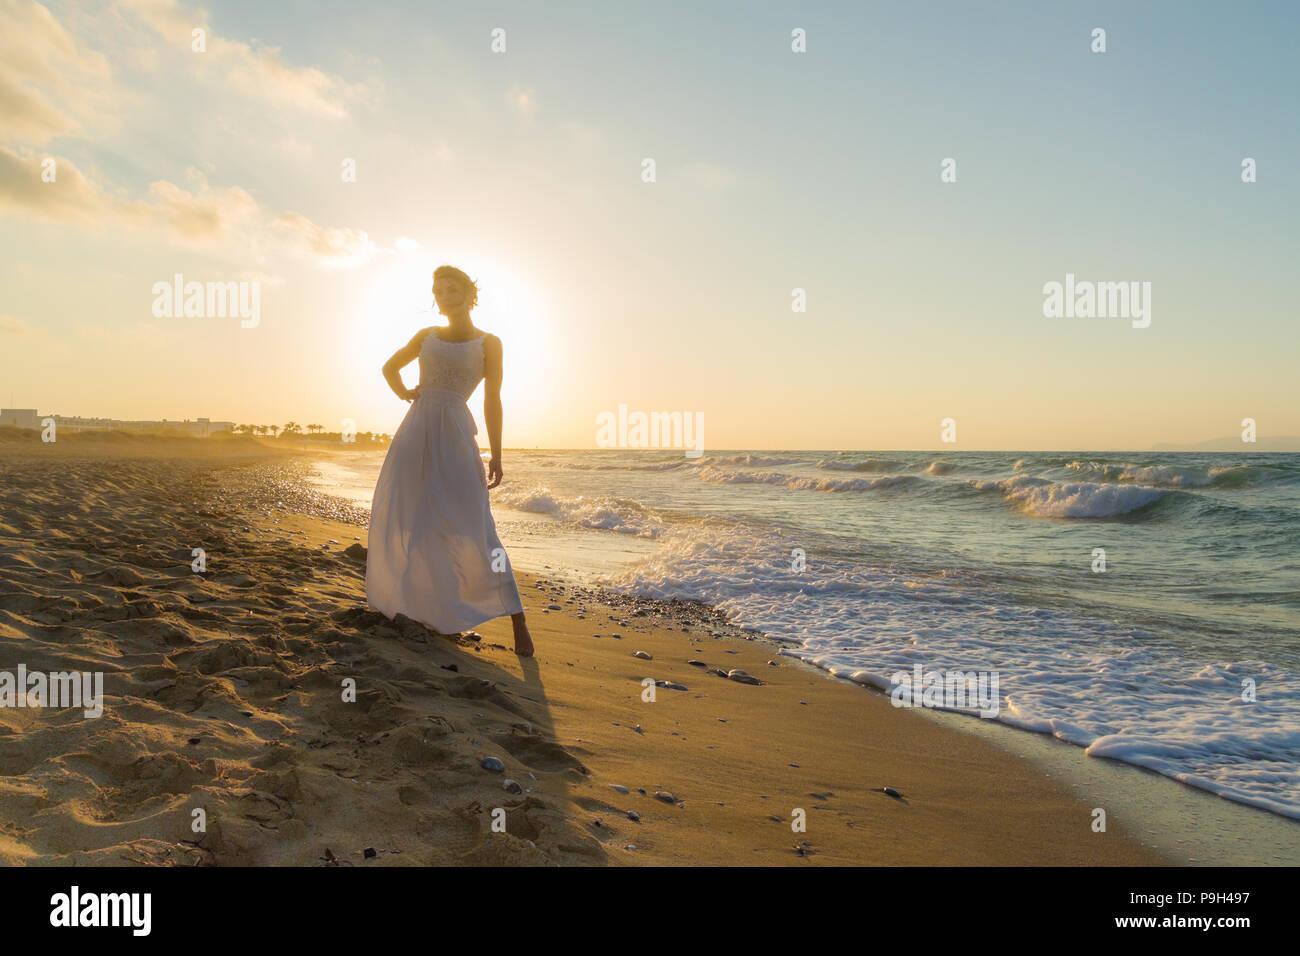 Mujer en vestido blanco, descalzo, sentirse feliz, vivo y libre en la naturaleza meditando en sandy Misty Beach respirar aire fresco del océano limpio al anochecer. Vacaciones de verano concepto de estilo de vida Imagen De Stock